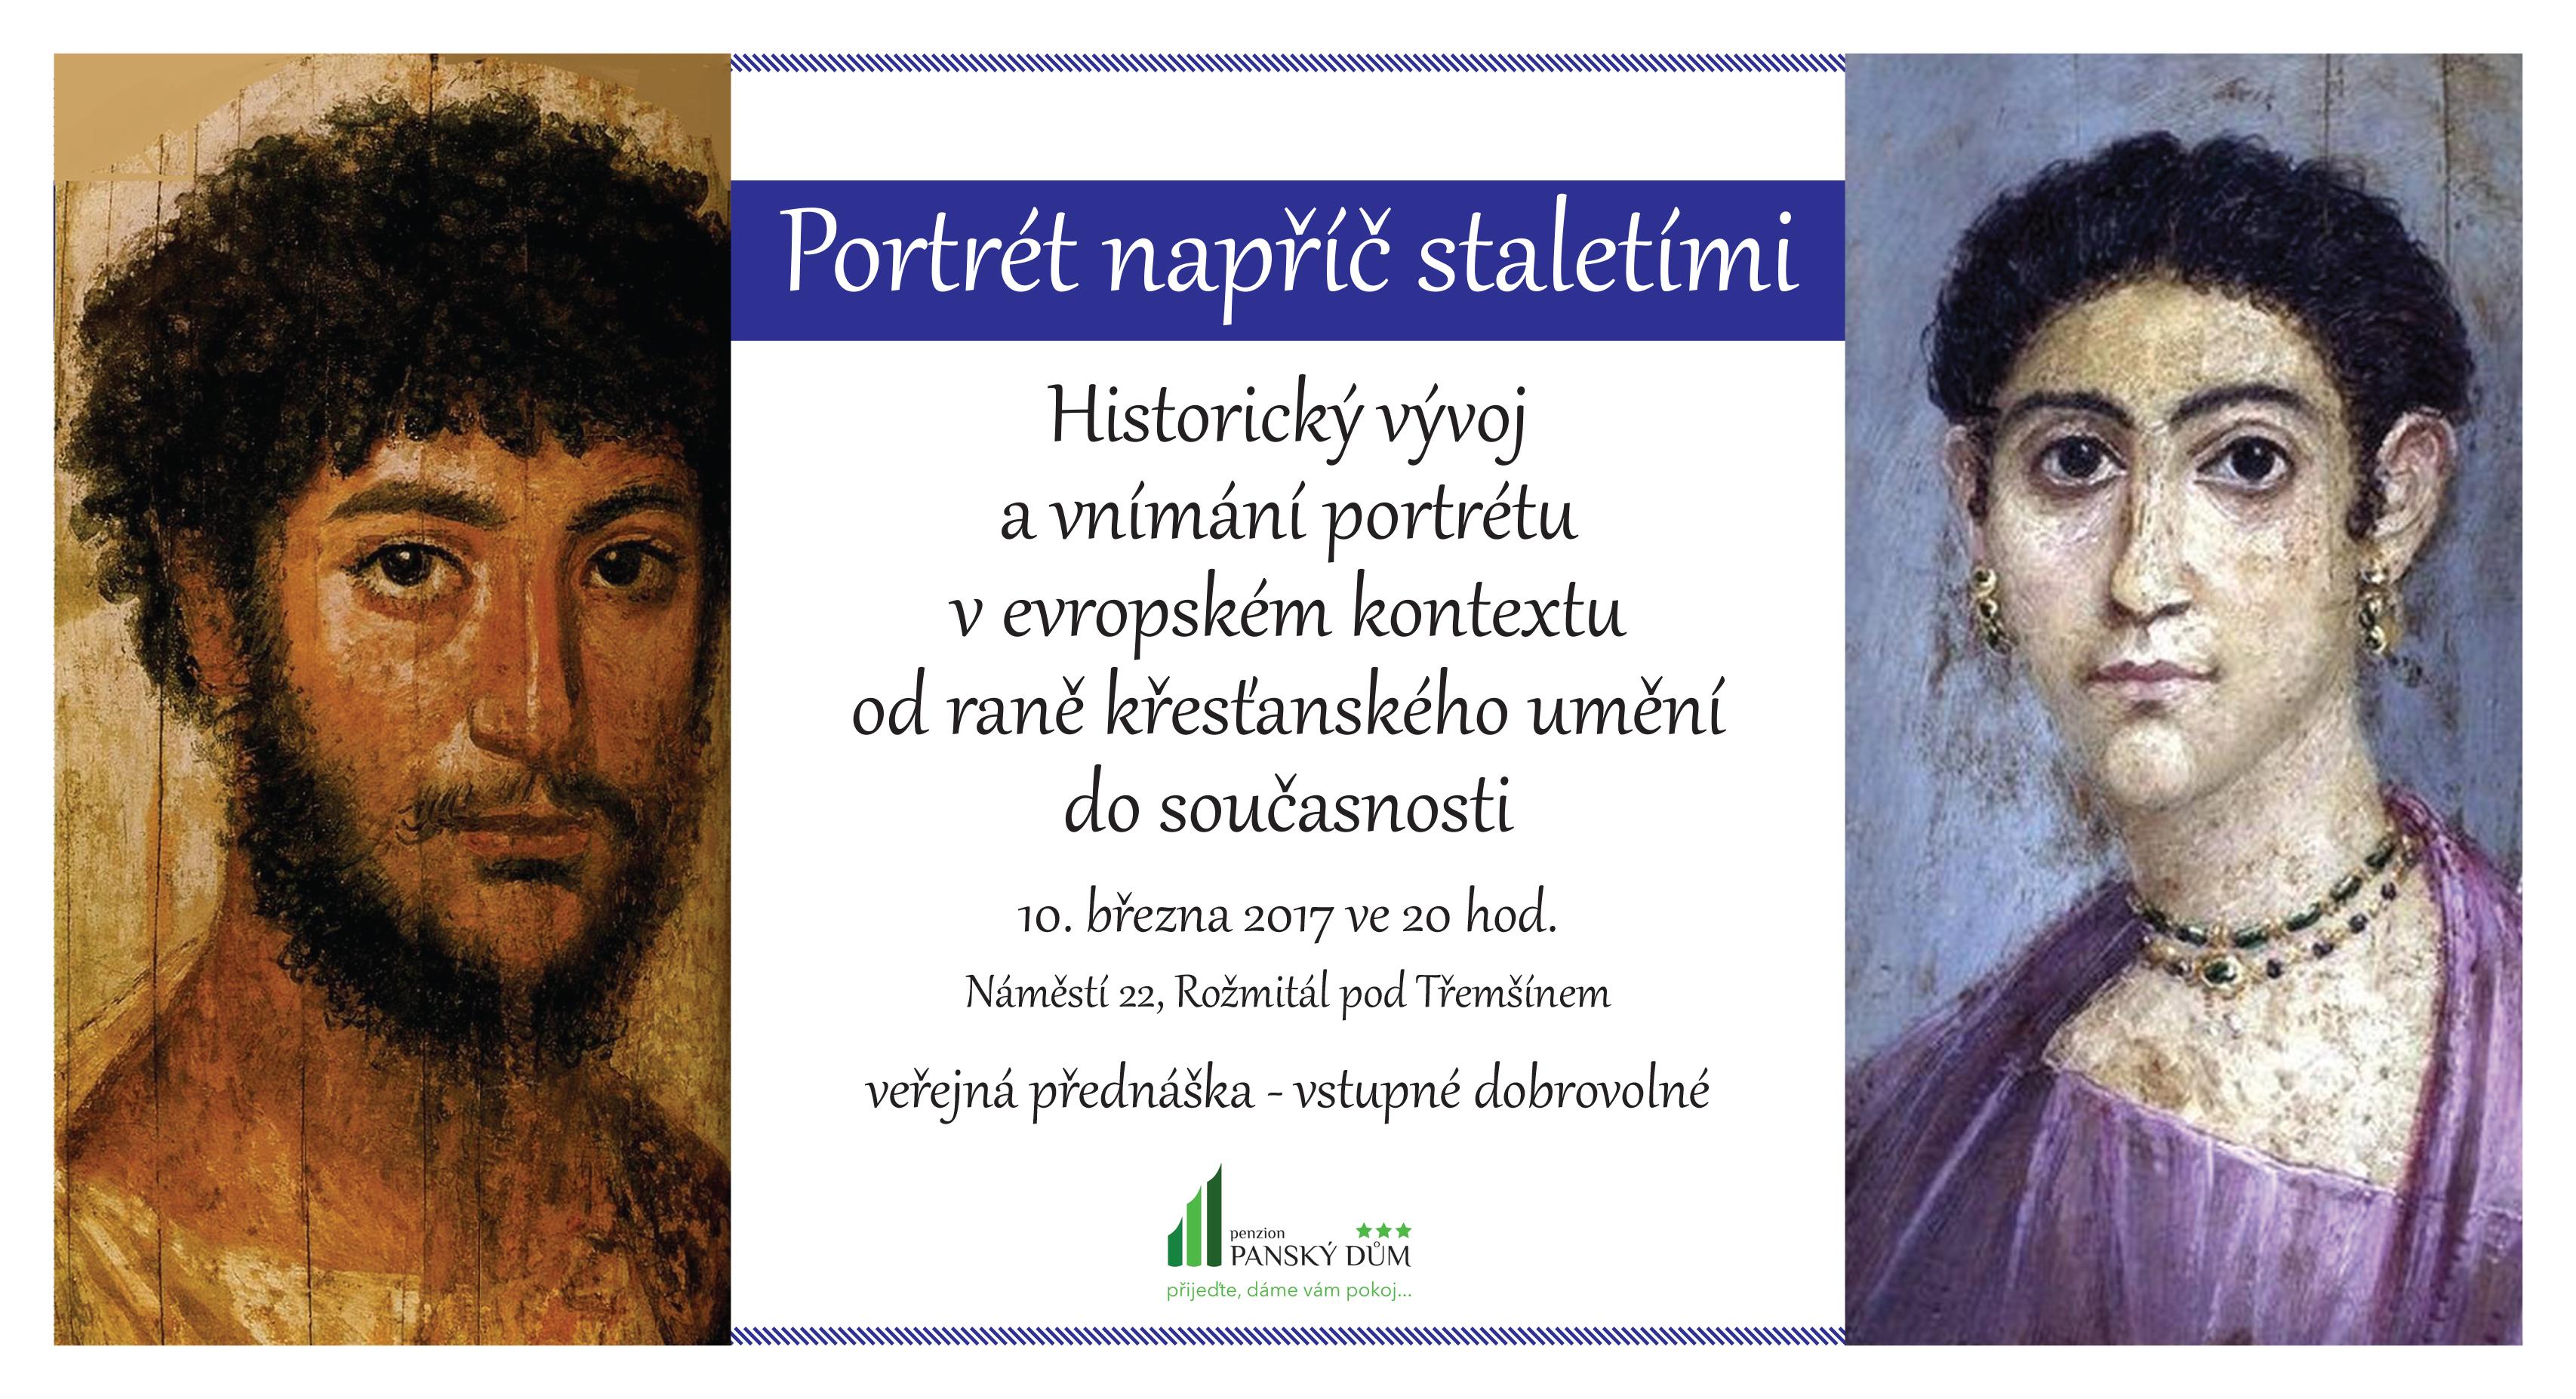 Portrét napříč staletími, přednáška. Zdroj: Panský dům Rožmitál